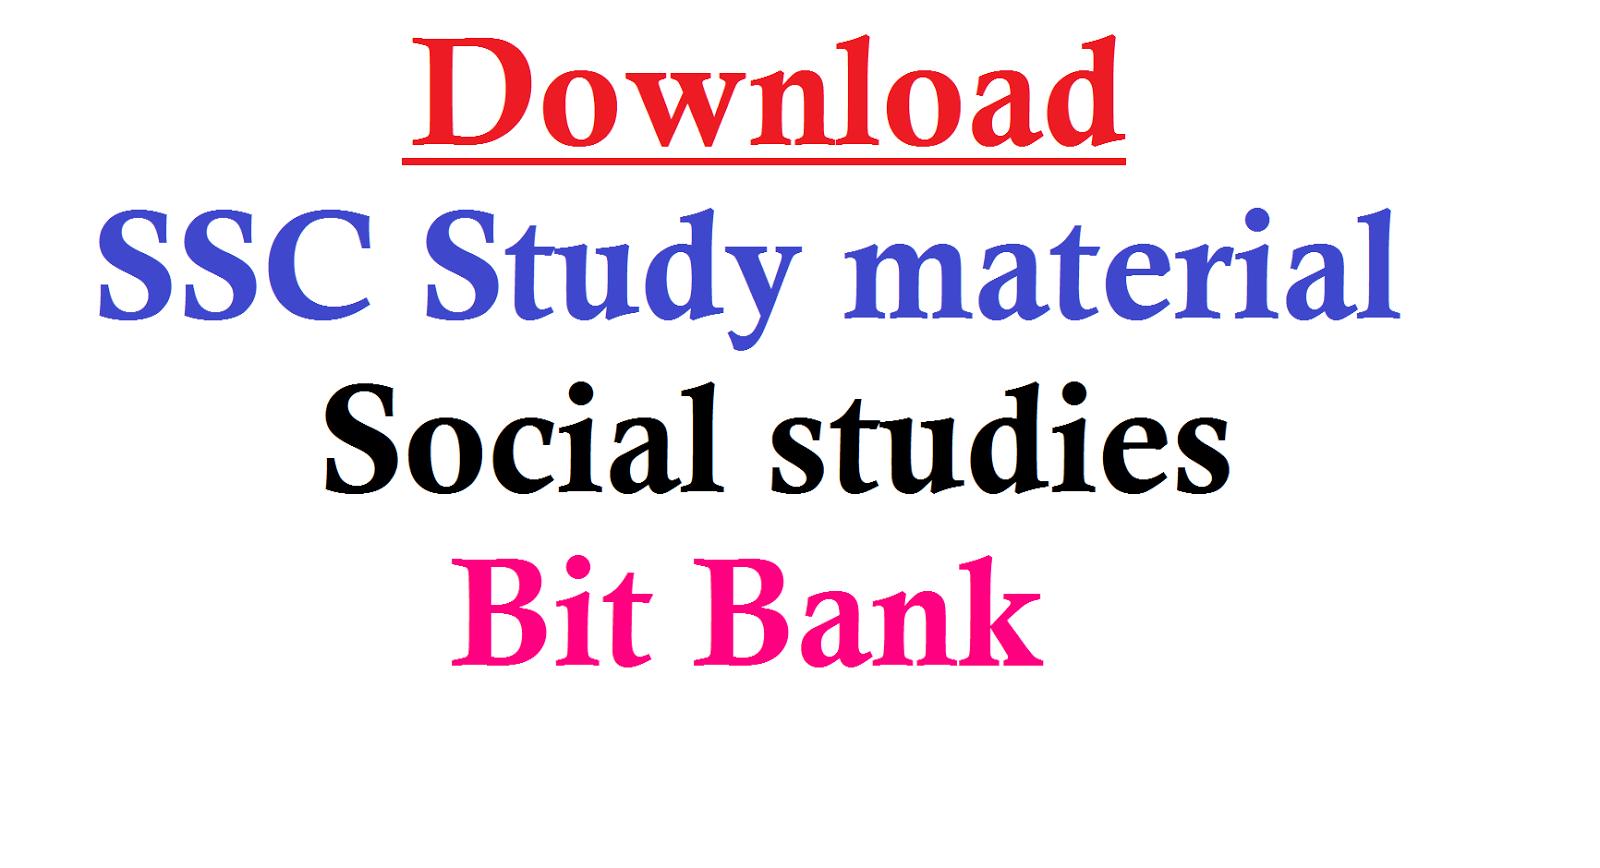 SSC CHSL Study Material - Jagran josh